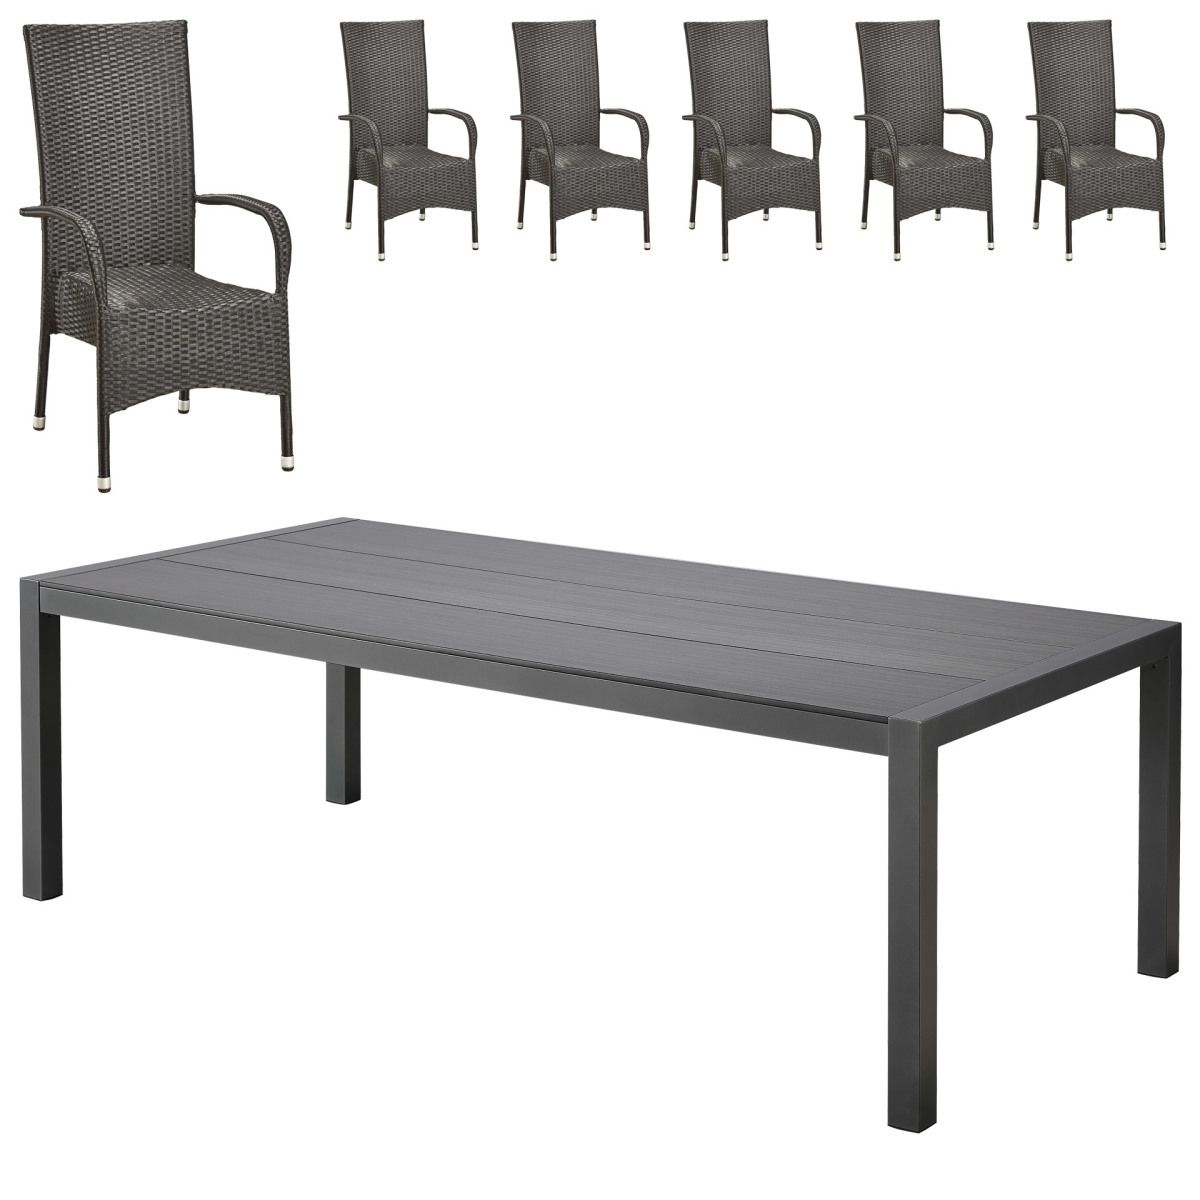 Gartenmöbel-Set Atlanta/ Palermo XL (1 Tisch, 6 Stapelstühle) Jetzt ...